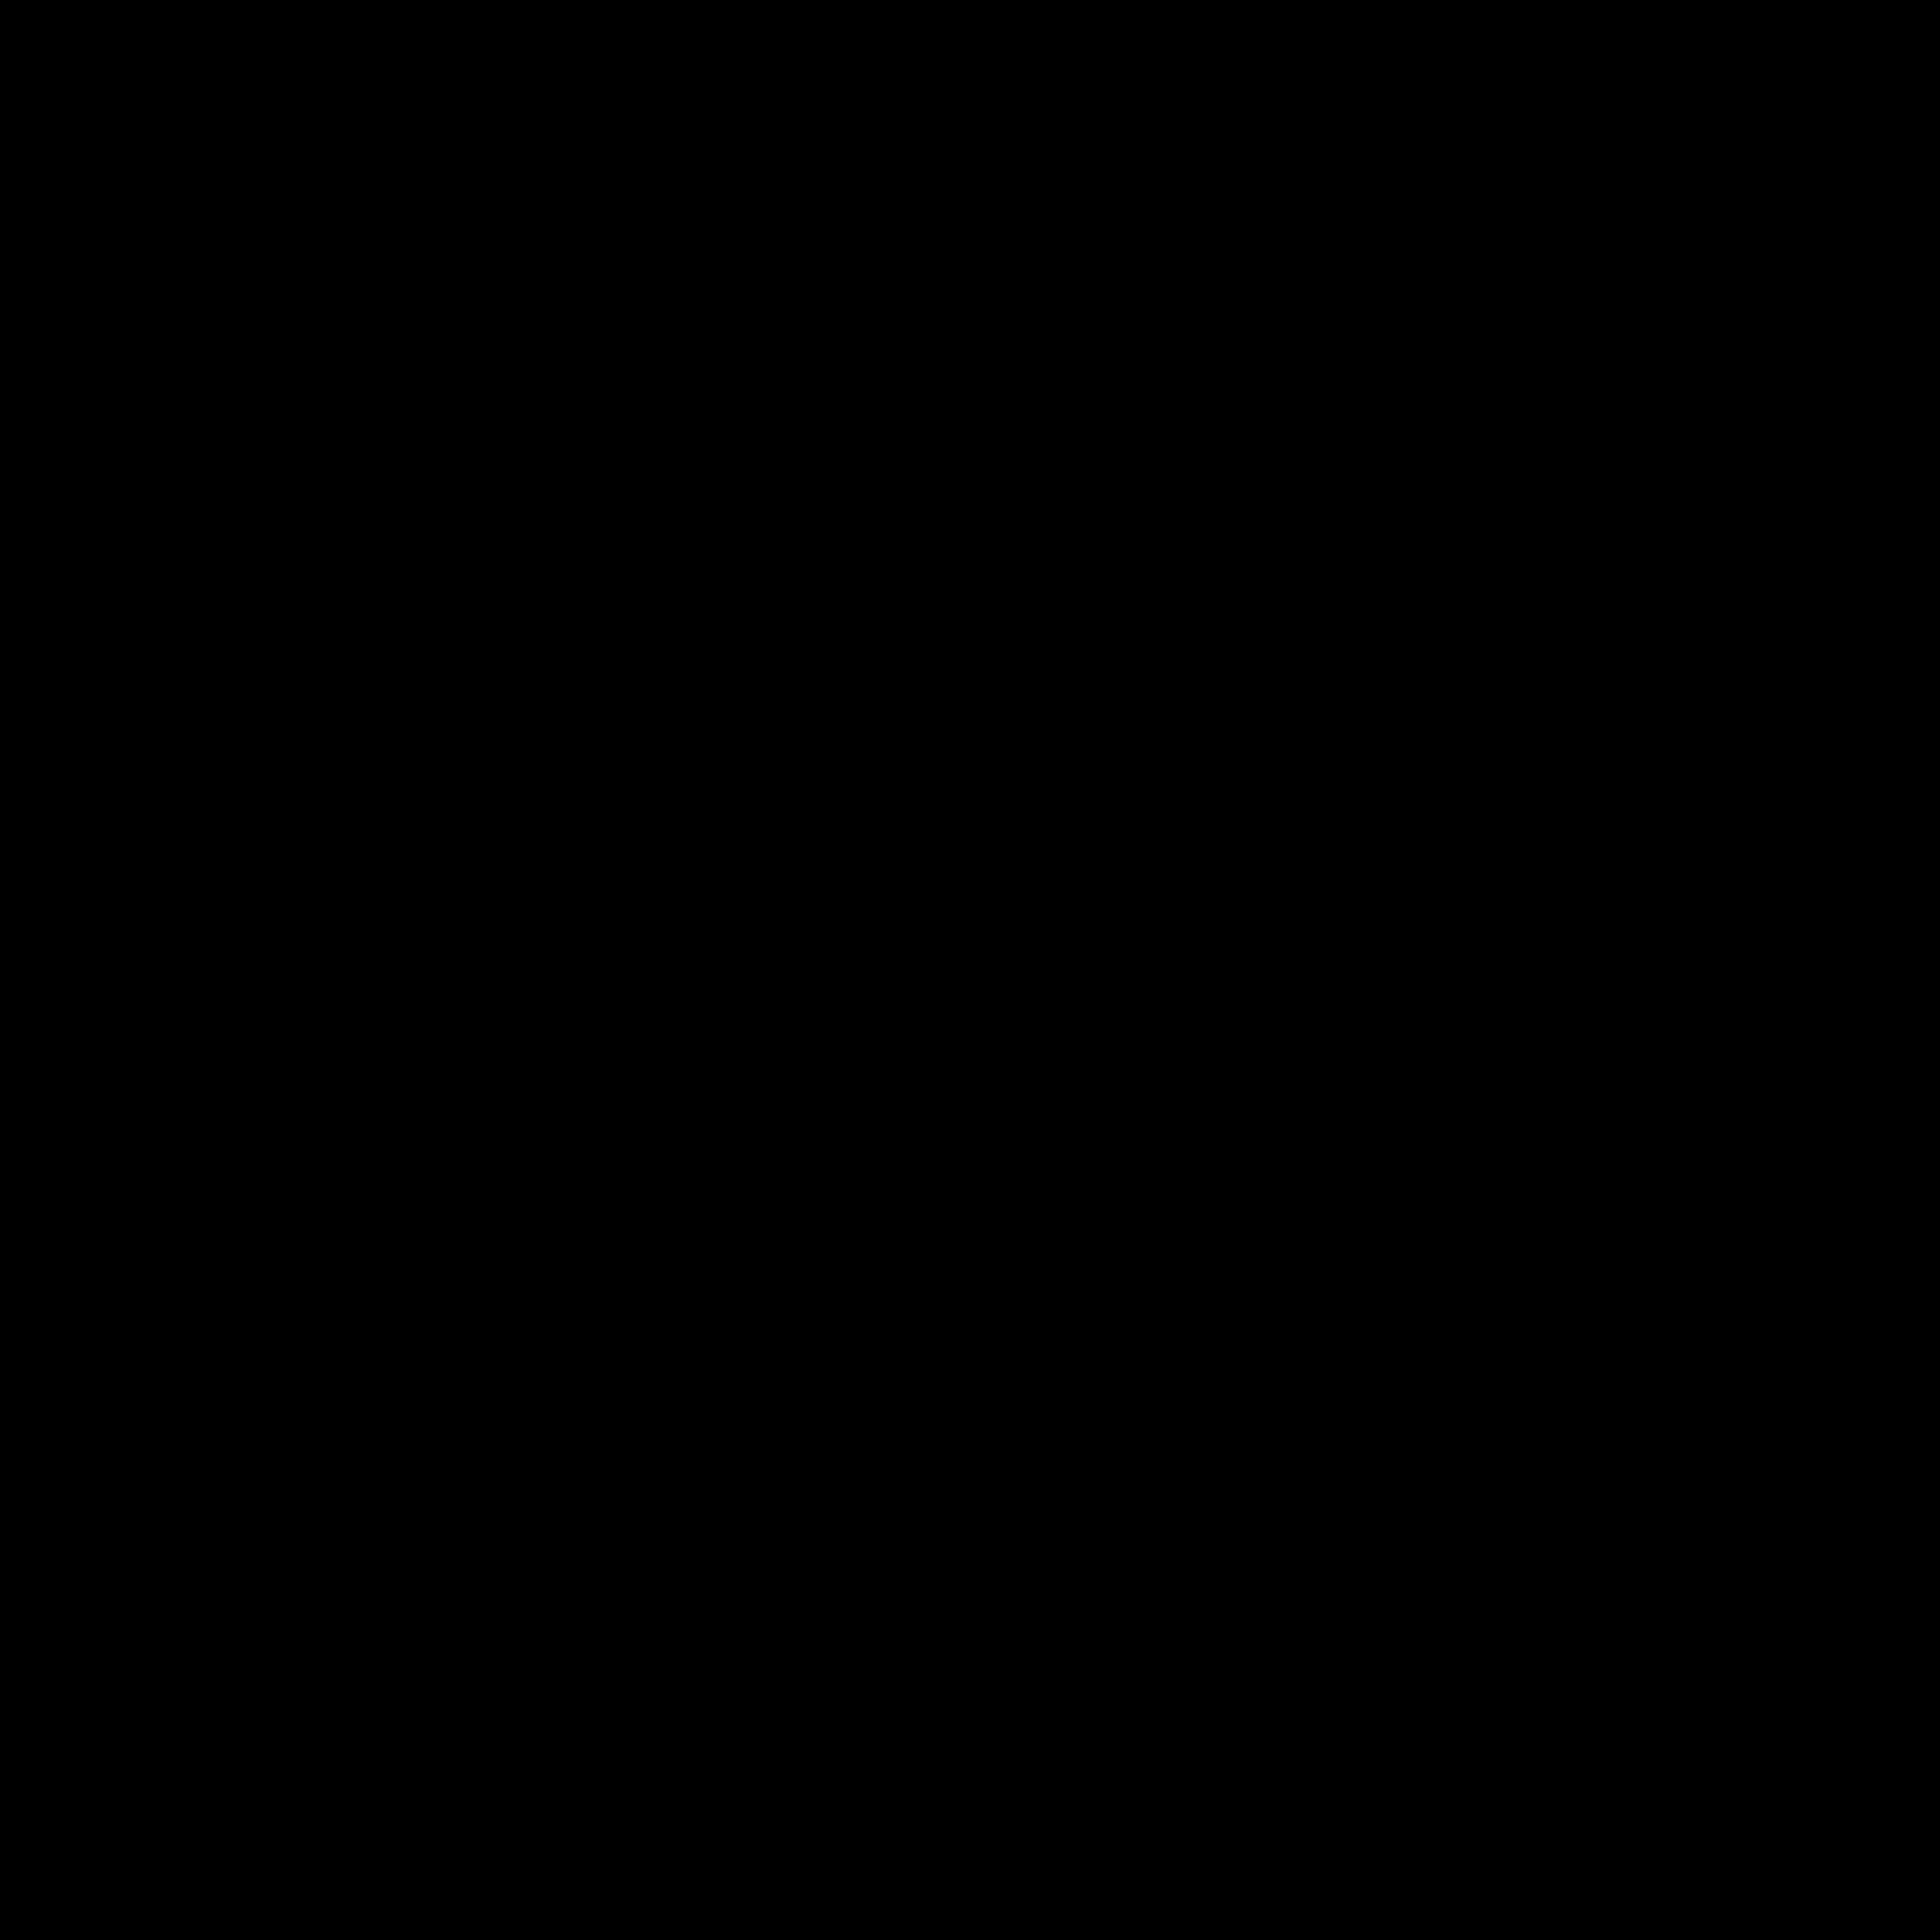 clip freeuse download Ast png transparent svg. Vector computer logo